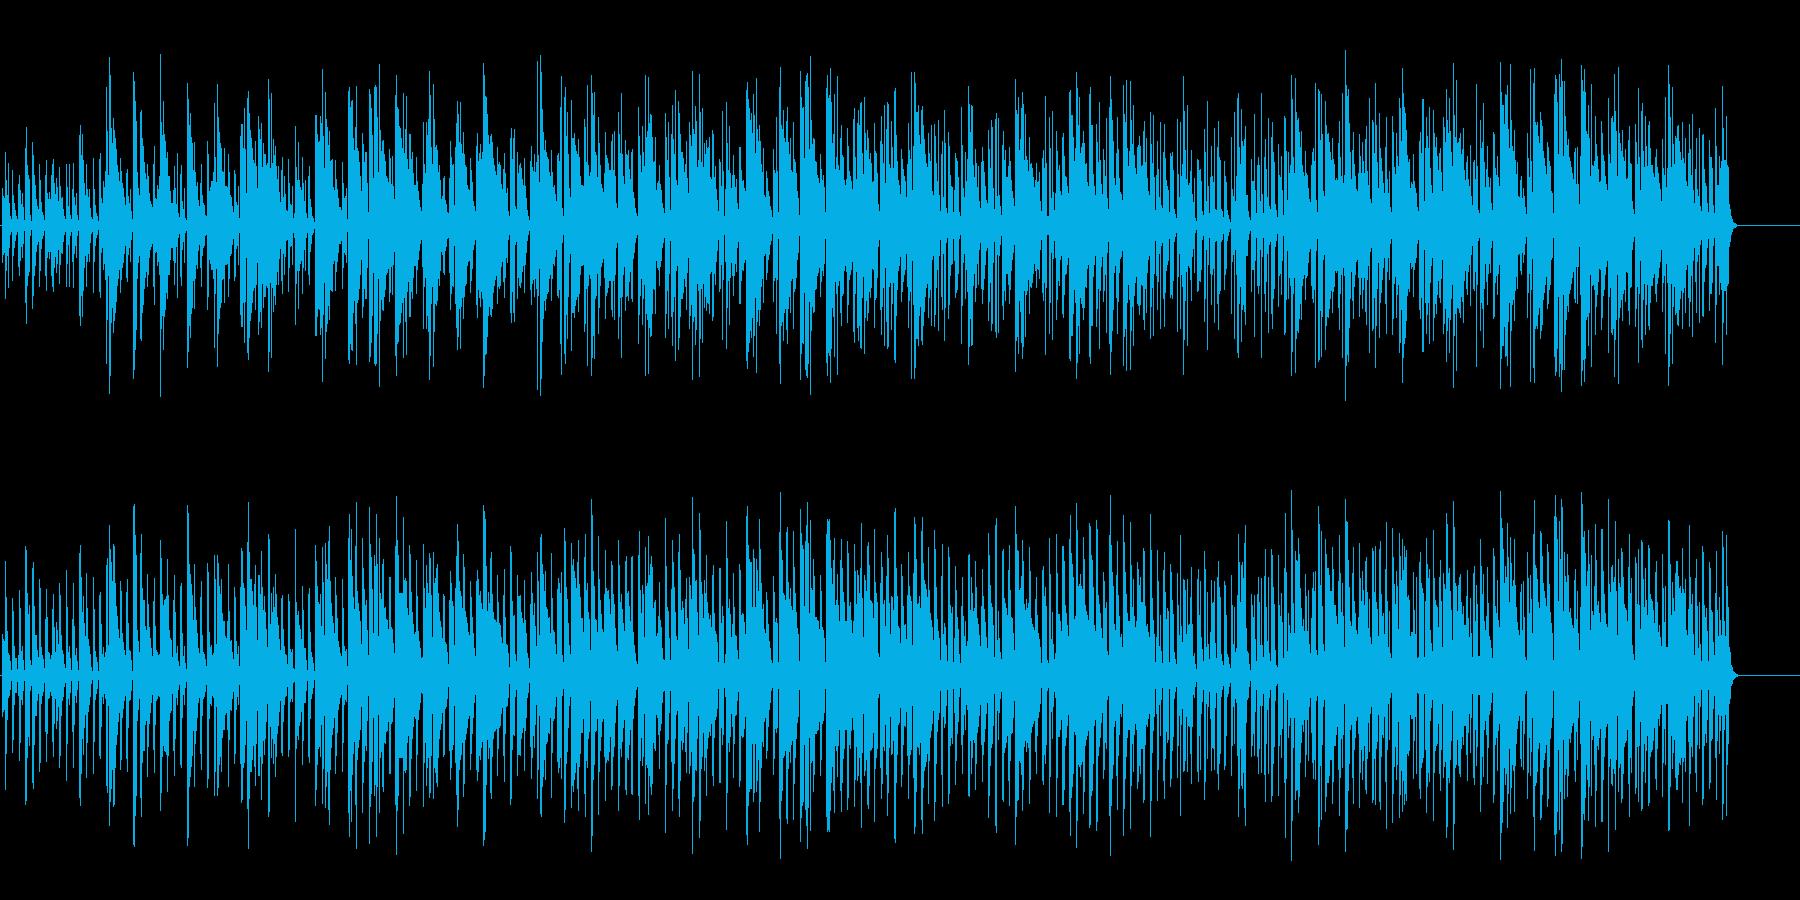 ハネムーン・ムードのボサノバ/ポップの再生済みの波形